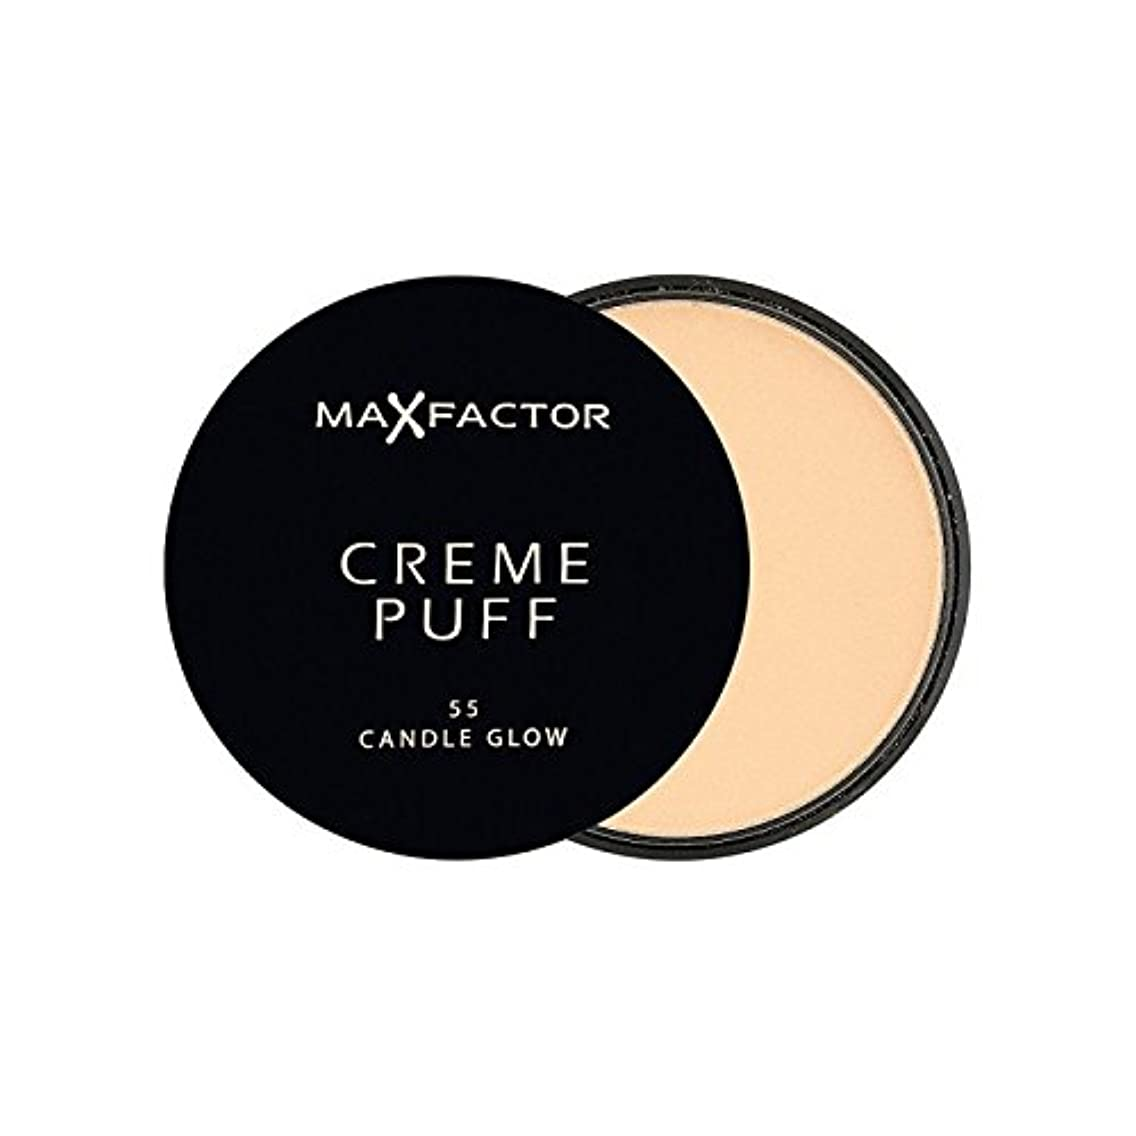 ポップテラスゴージャスMax Factor Creme Puff Powder Compact Candle Glow 55 - マックスファクタークリームパフパウダーコンパクトろうそくは55グロー [並行輸入品]